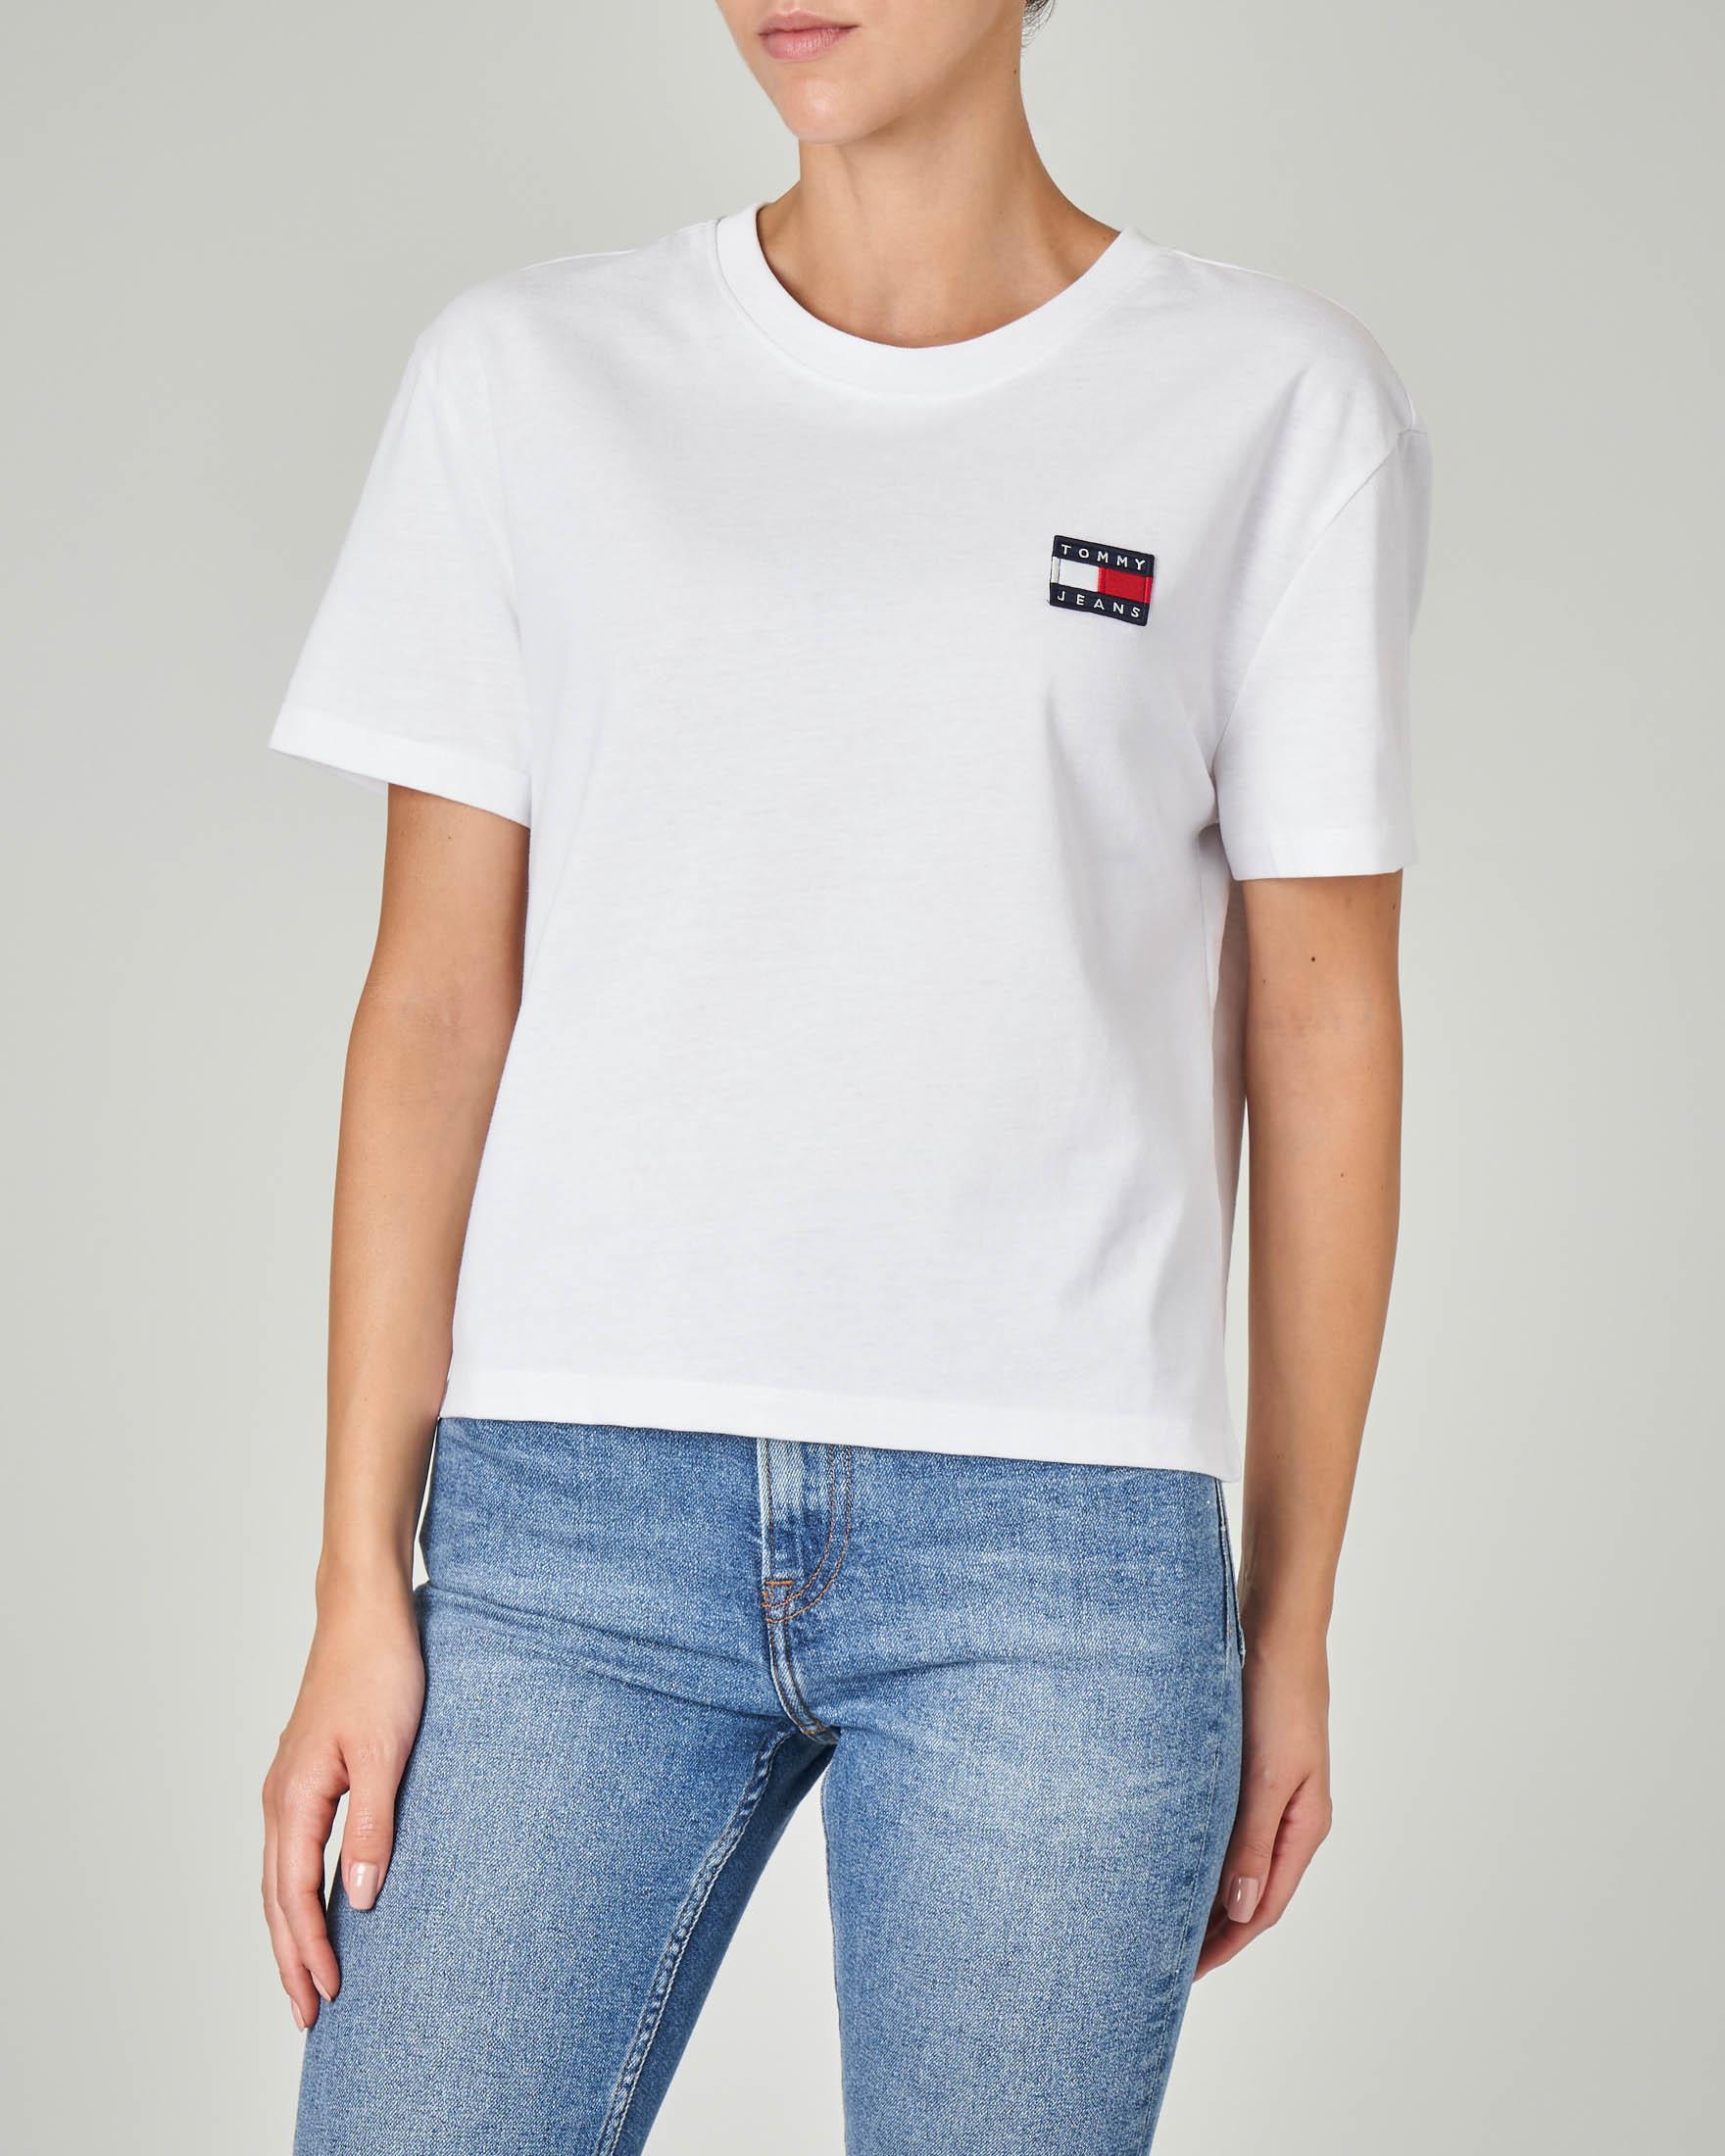 T-shirt manica corta bianca in cotone organico con logo